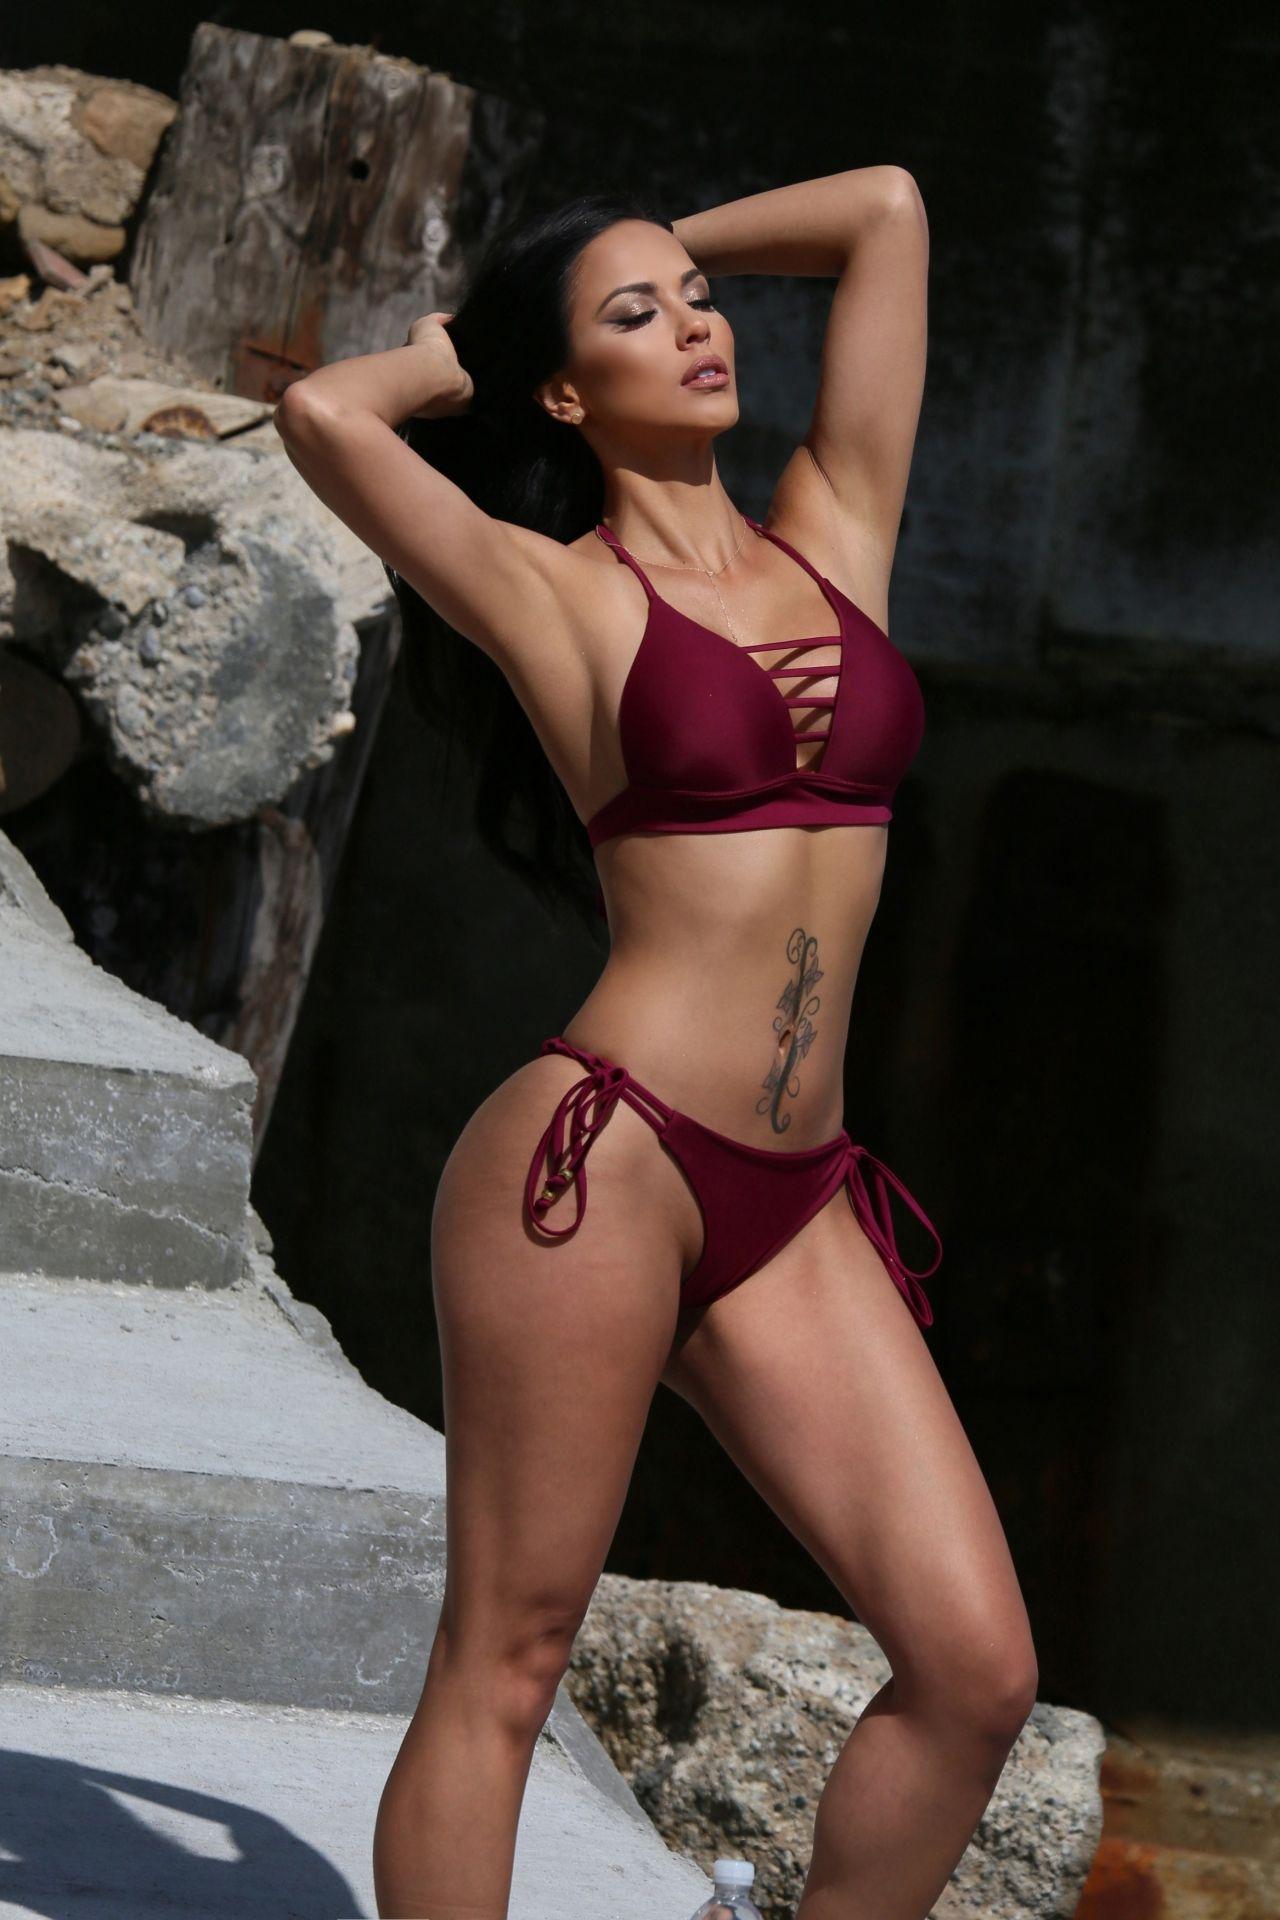 2019 Melissa Riso naked (83 photos), Ass, Is a cute, Instagram, butt 2015